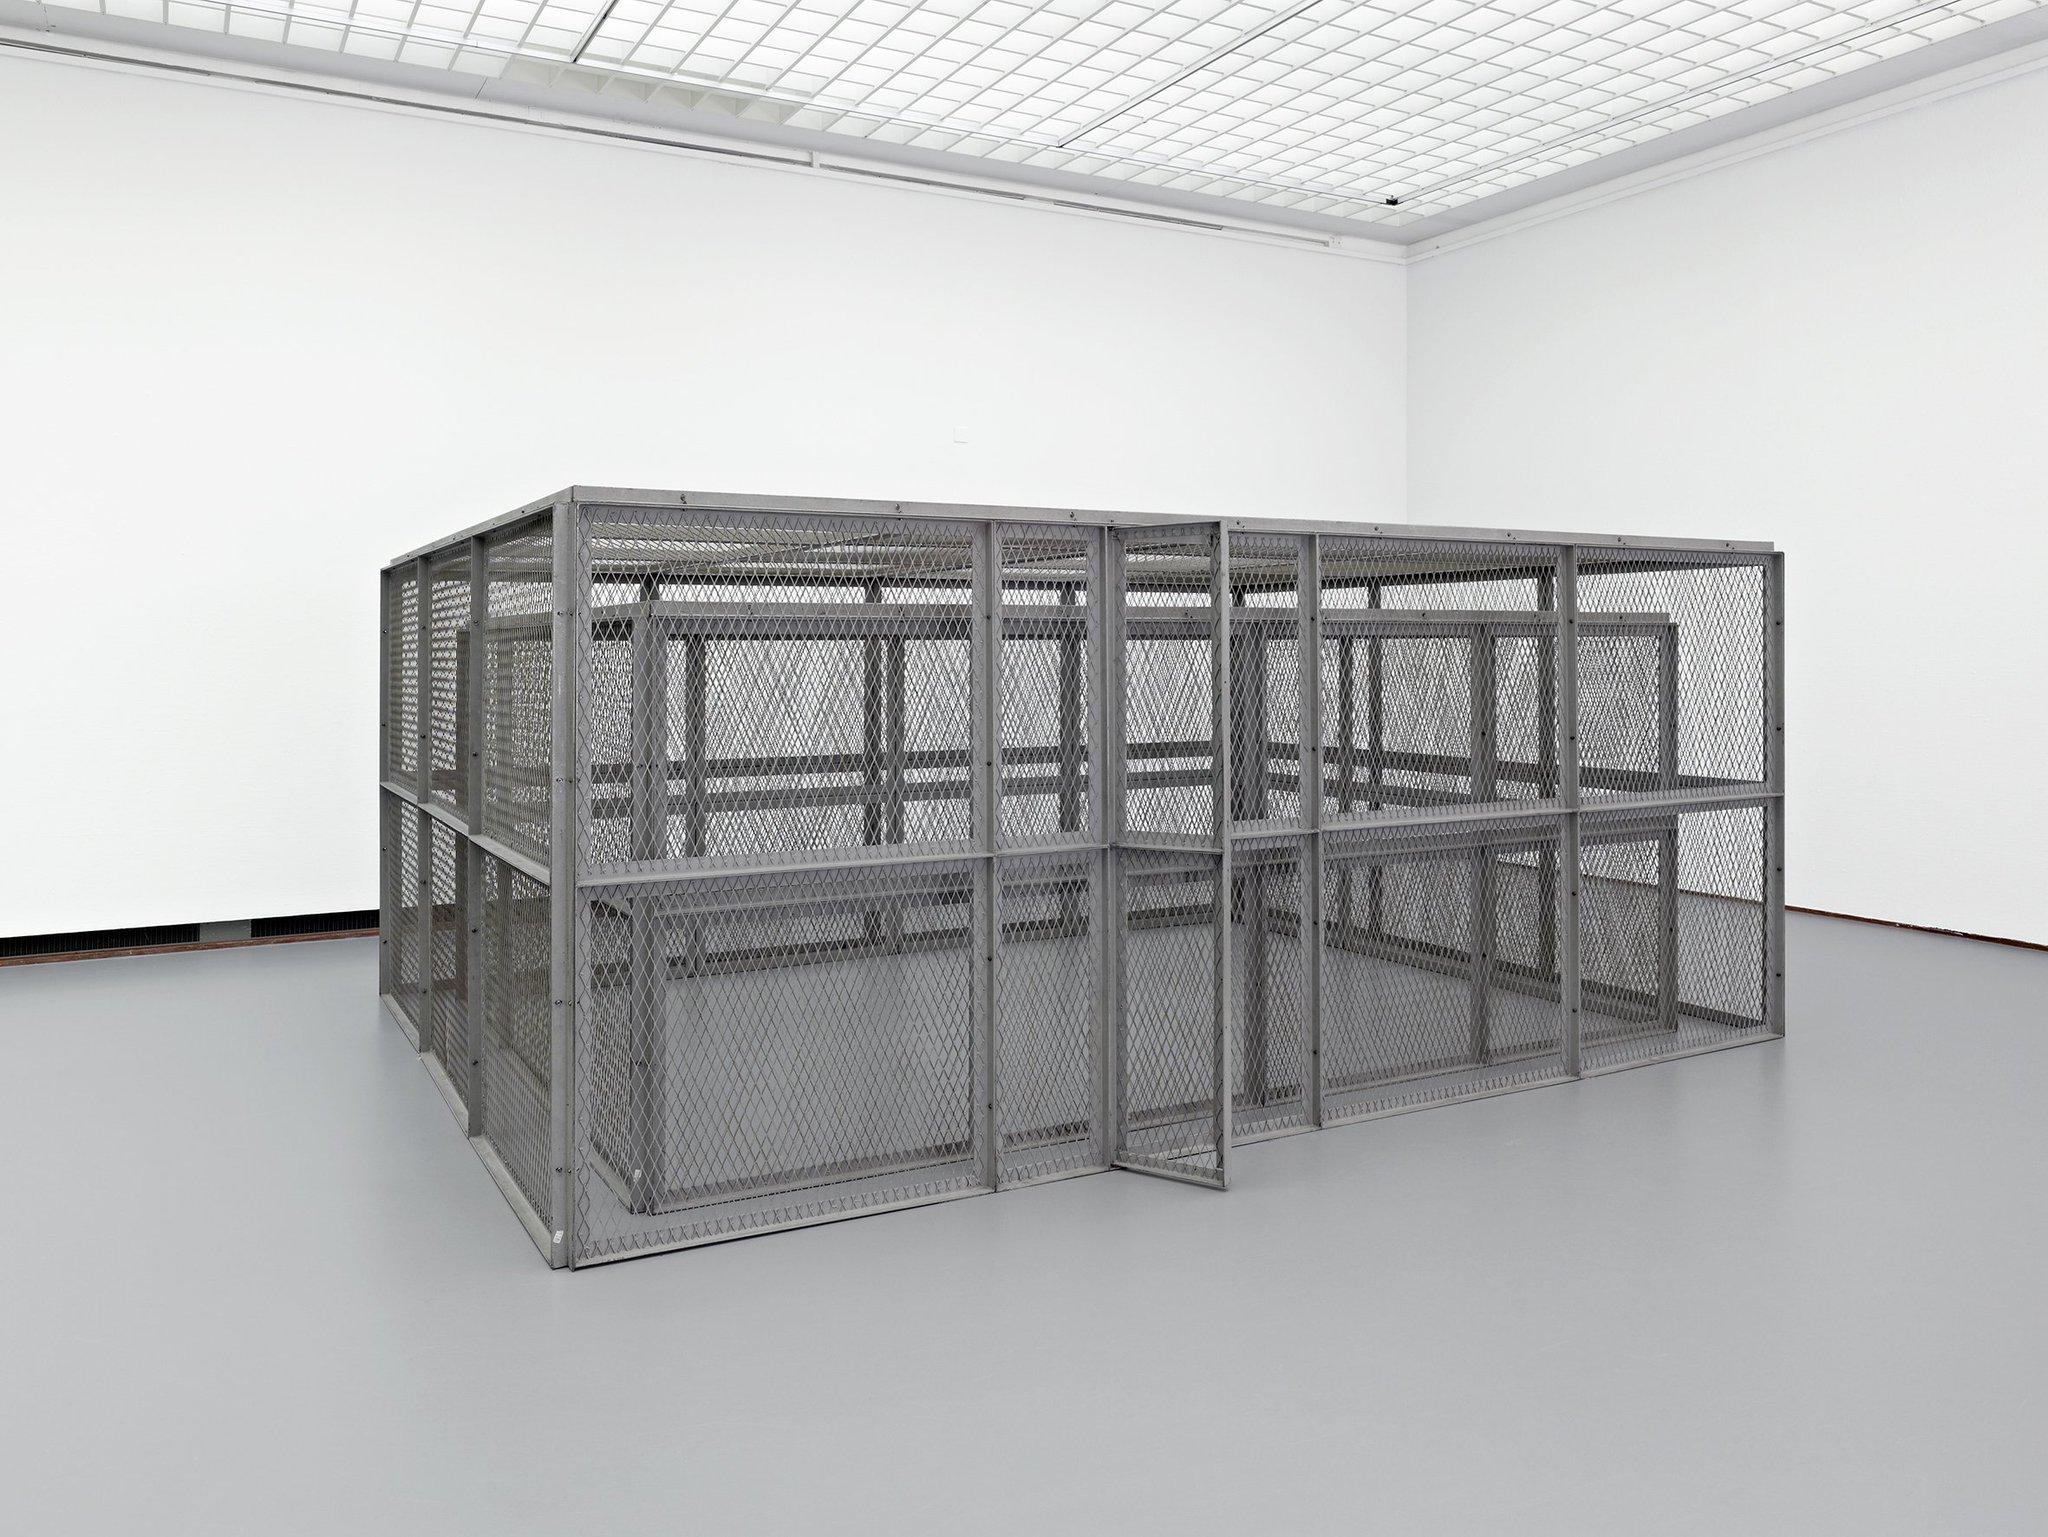 """Gregor Luethy on Twitter: """"Im Schaulager in Basel ist das Lebenswerk Bruce Naumans zu entdecken. Und damit eine Kunst, in der es immer um das Ganze geht. https://t.co/1EQbtQ32Yh… https://t.co/kjte8OUGtg"""""""